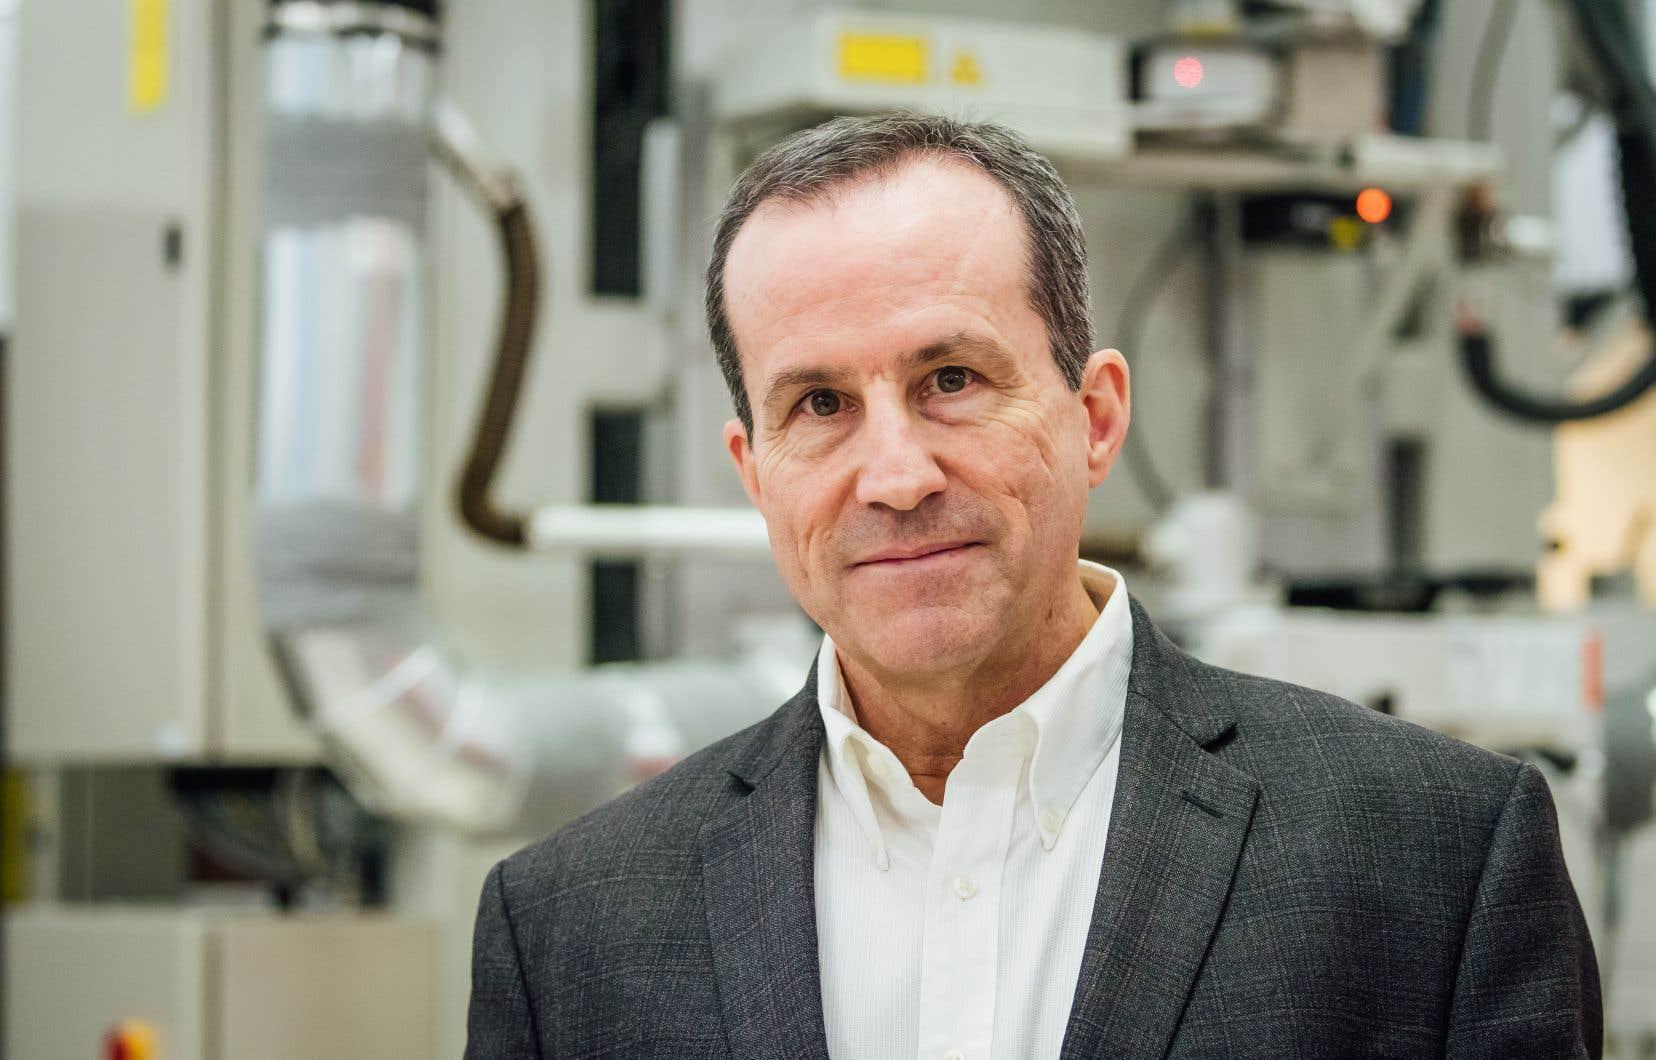 Dans les dernières années, Réal Vallée a beaucoup travaillé au développement de lasers à fibre émettant dans l'infrarouge moyen.